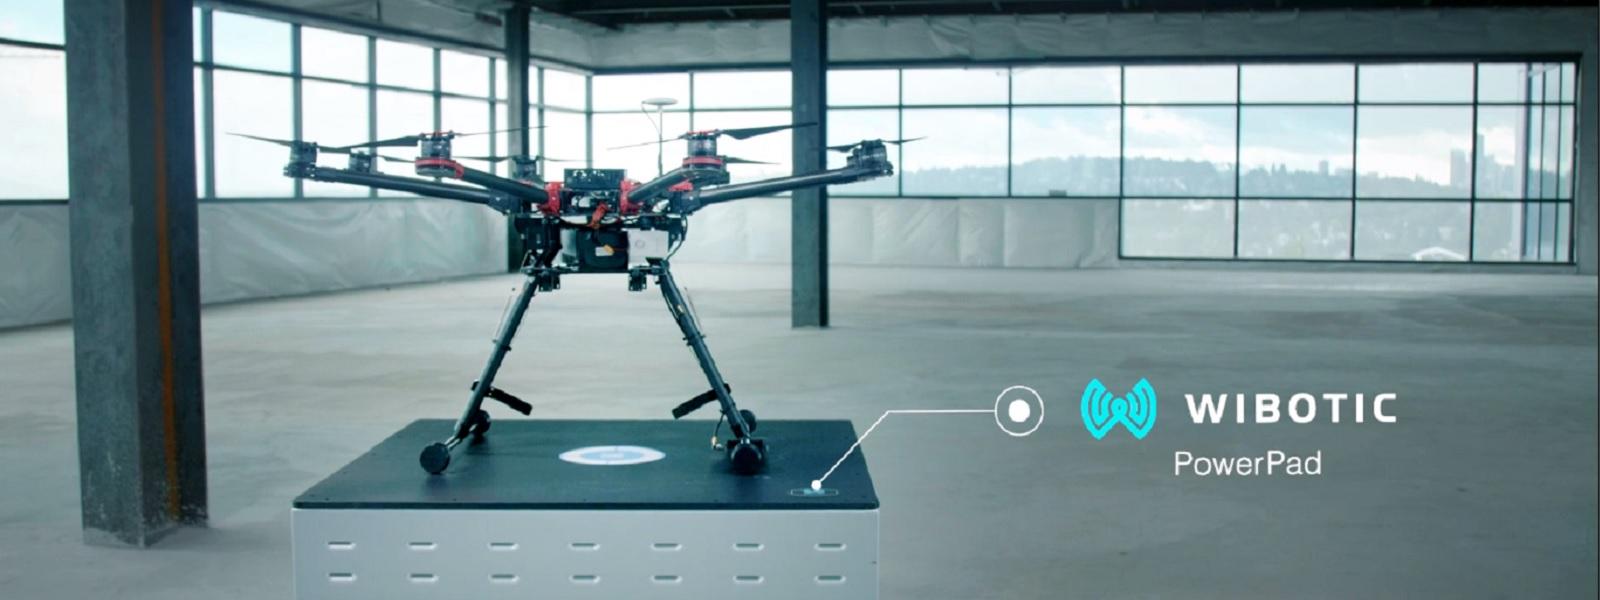 WiBotic получает $5,7 млн на беспроводную зарядку для дронов